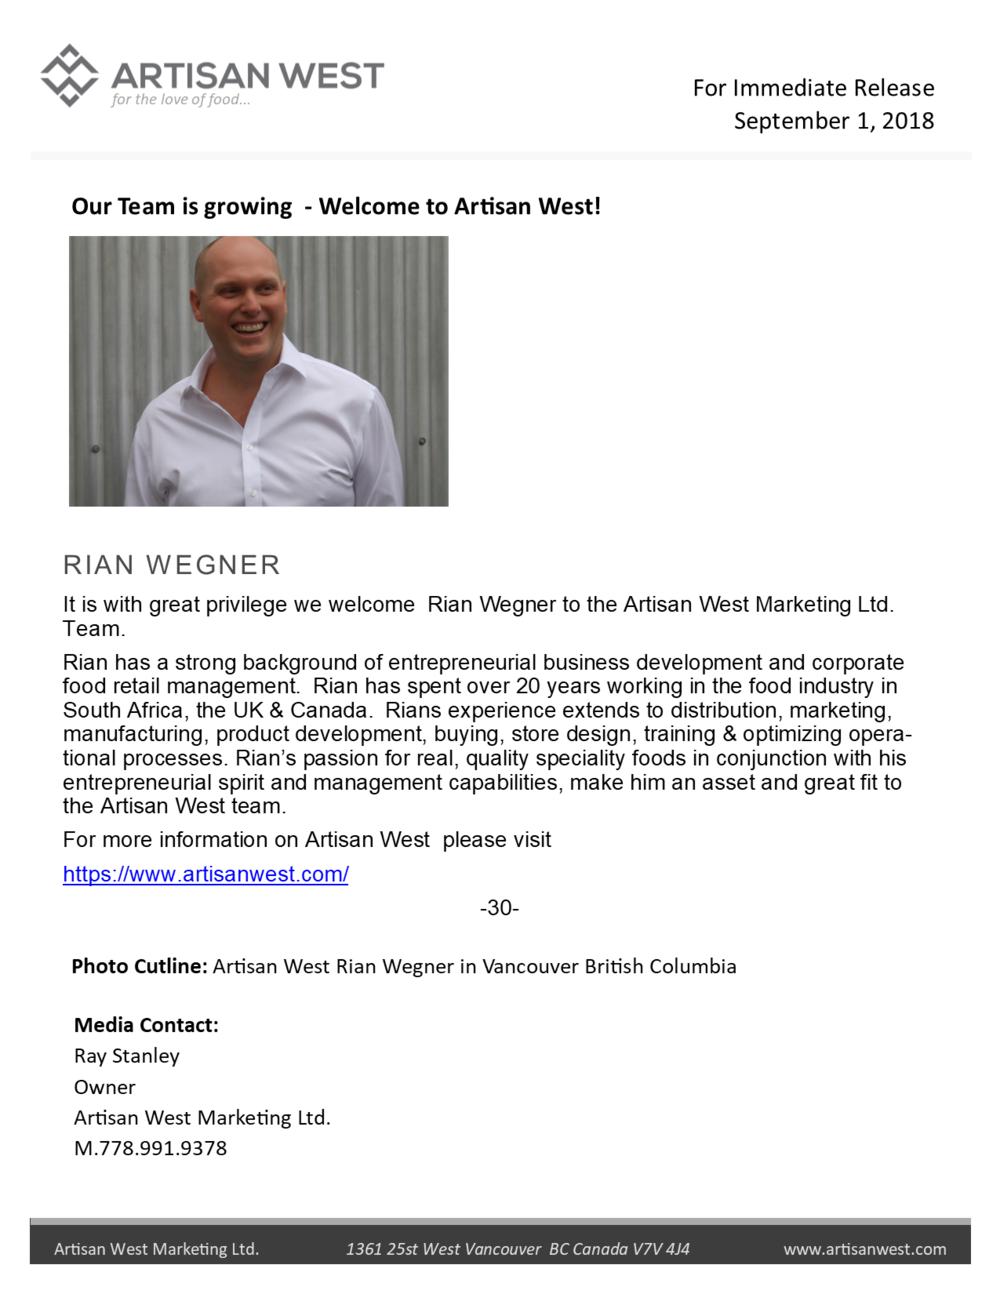 Press Release September 1, 2018.png